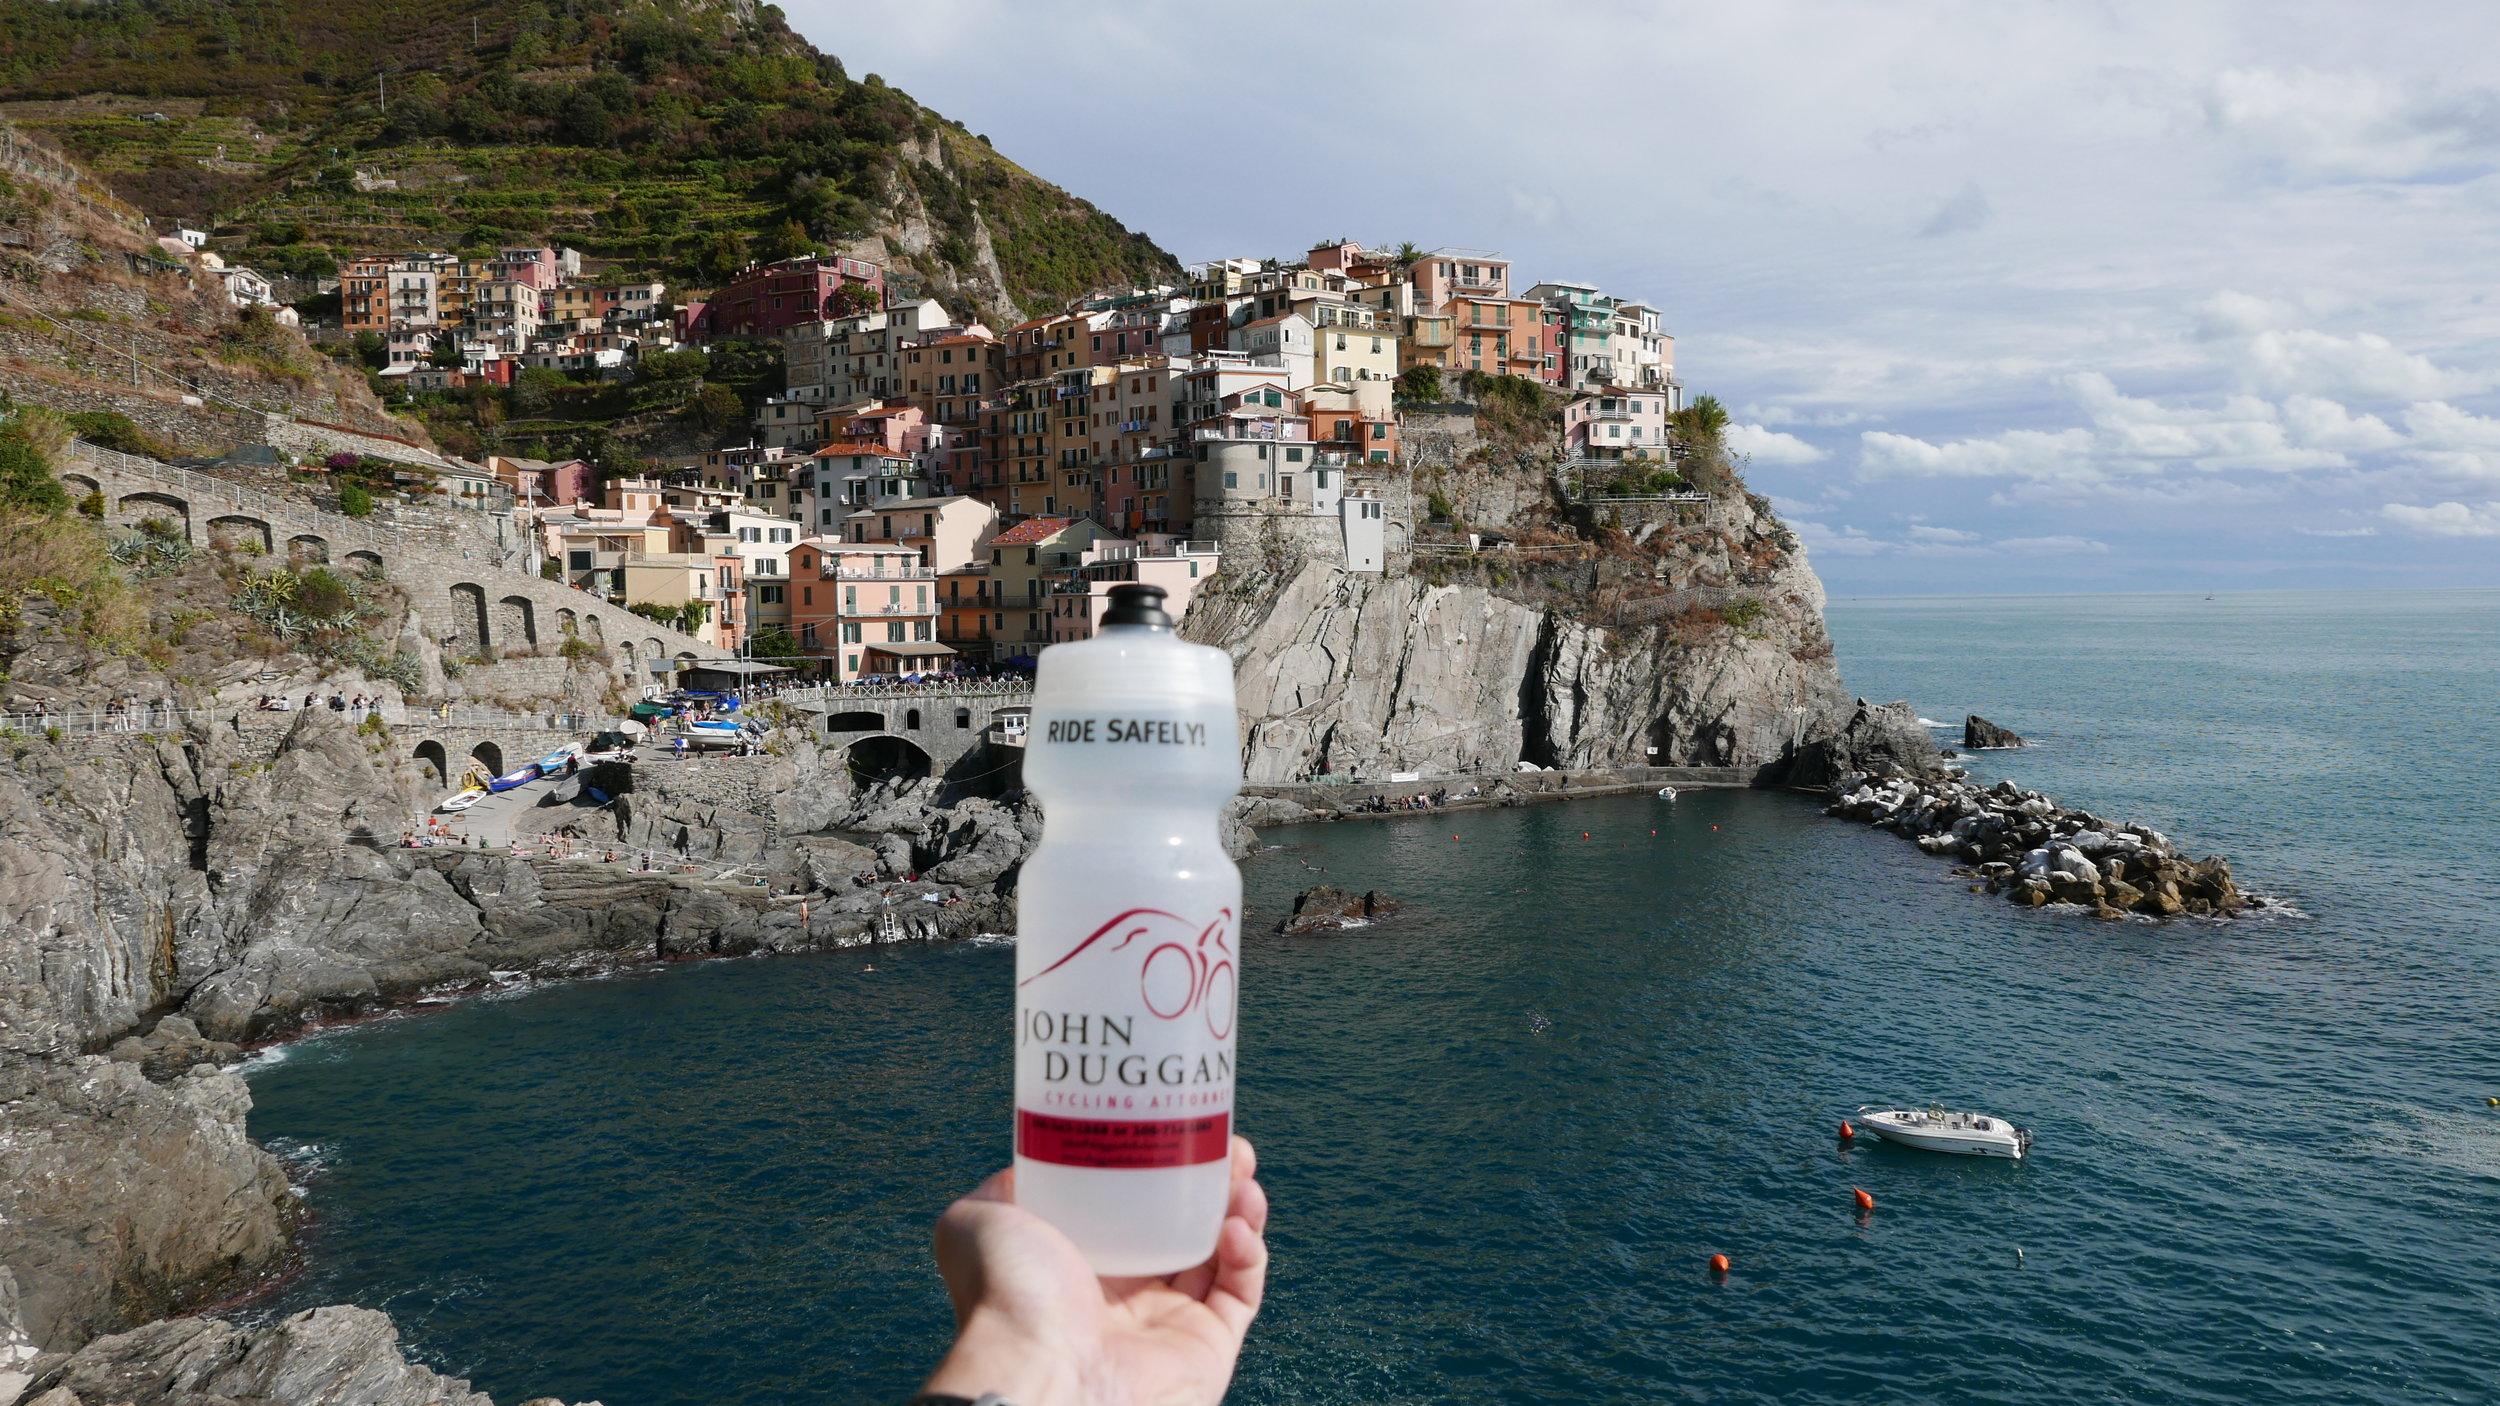 Jack Duggan with JD in Cinque Terre, Italy